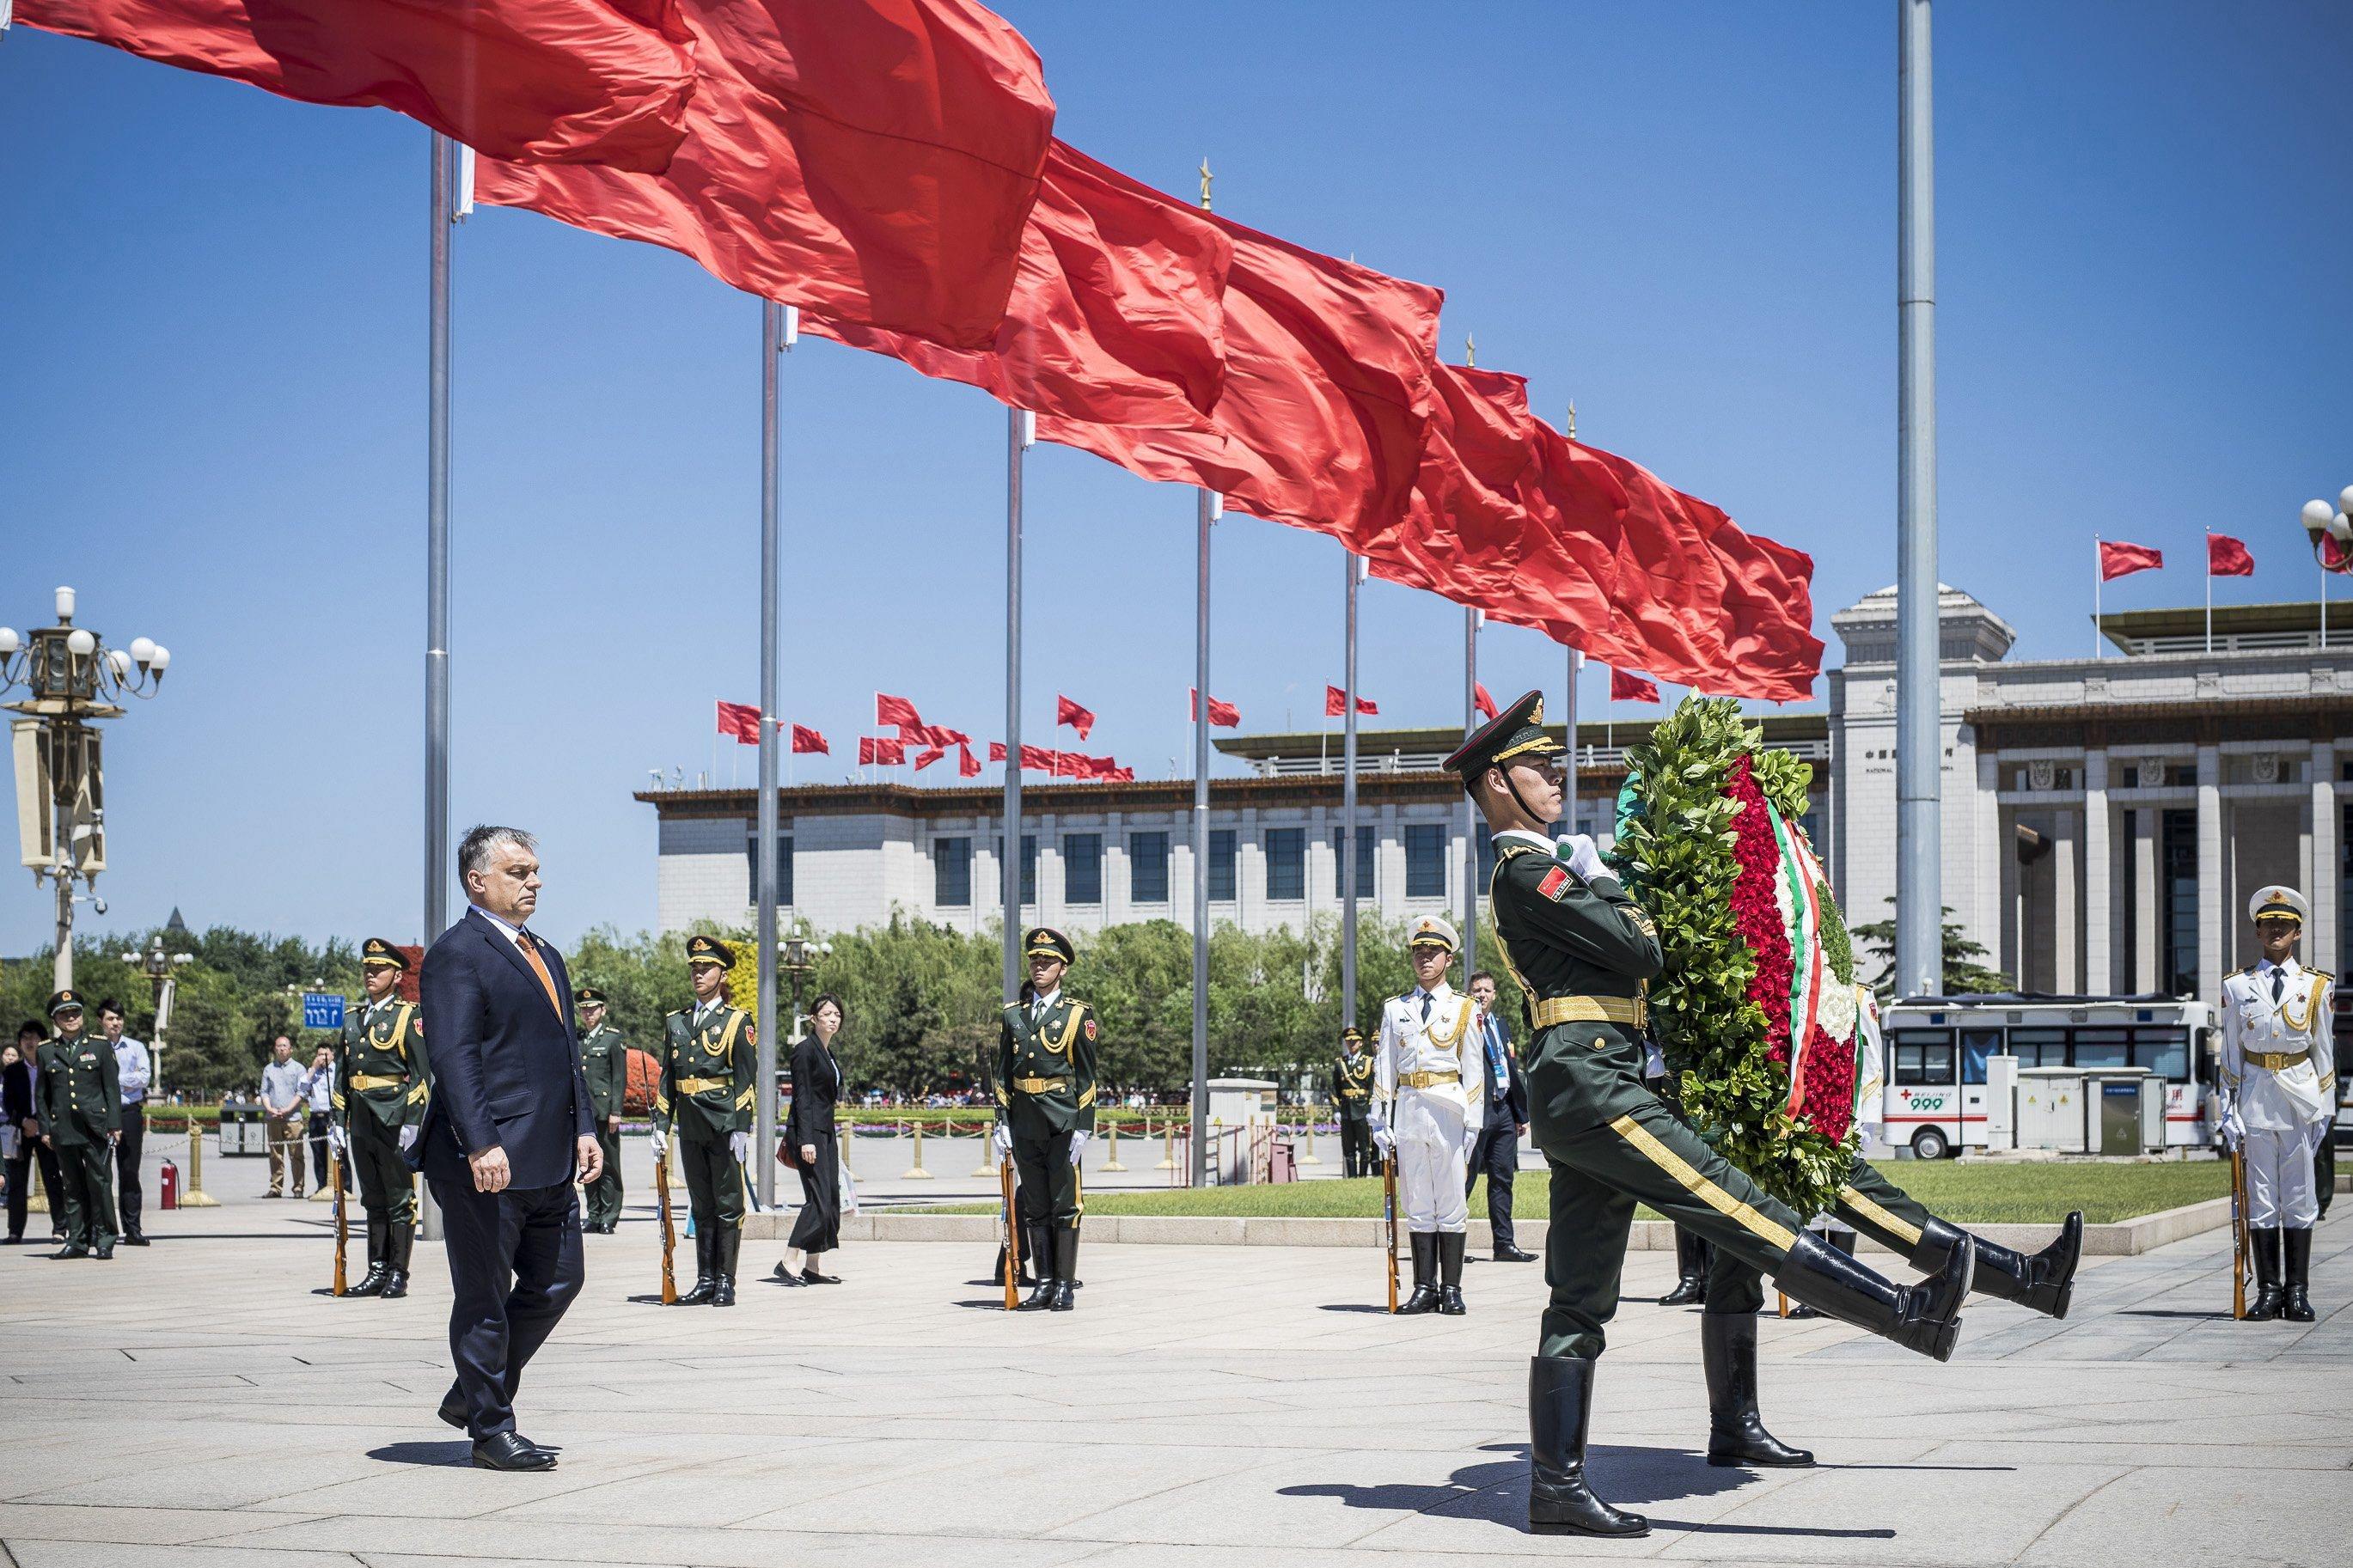 Ezt is megéltük: Orbán Viktor a Tienanmen téren koszorúzta meg a kommunisták hősi emlékművét